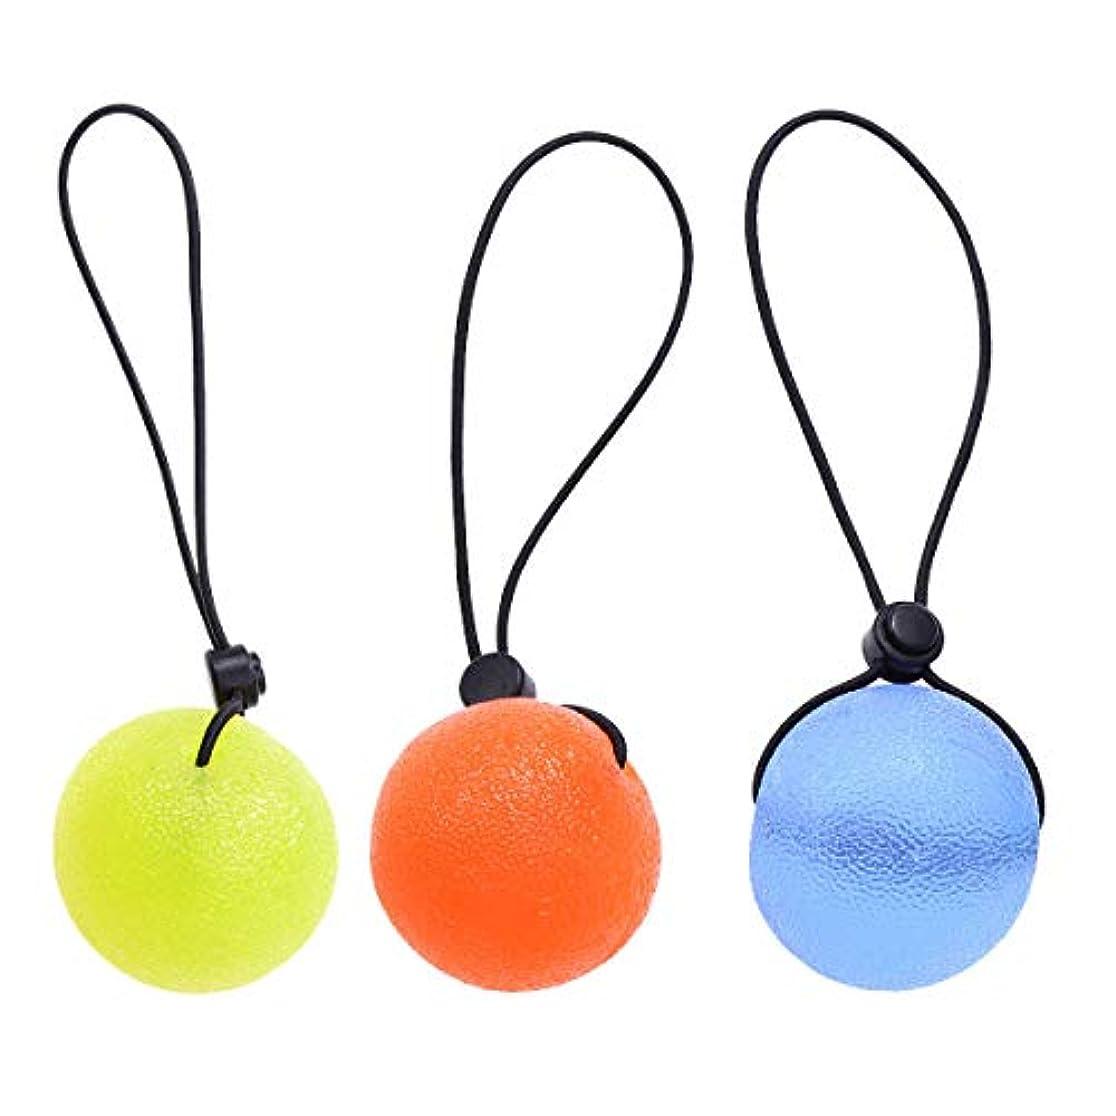 留め金窓を洗うささいなHEALIFTY ストレスリリーフボール、3本の指グリップボールセラピーエクササイズスクイズ卵ストレスボールストリングフィットネス機器(ランダムカラー)